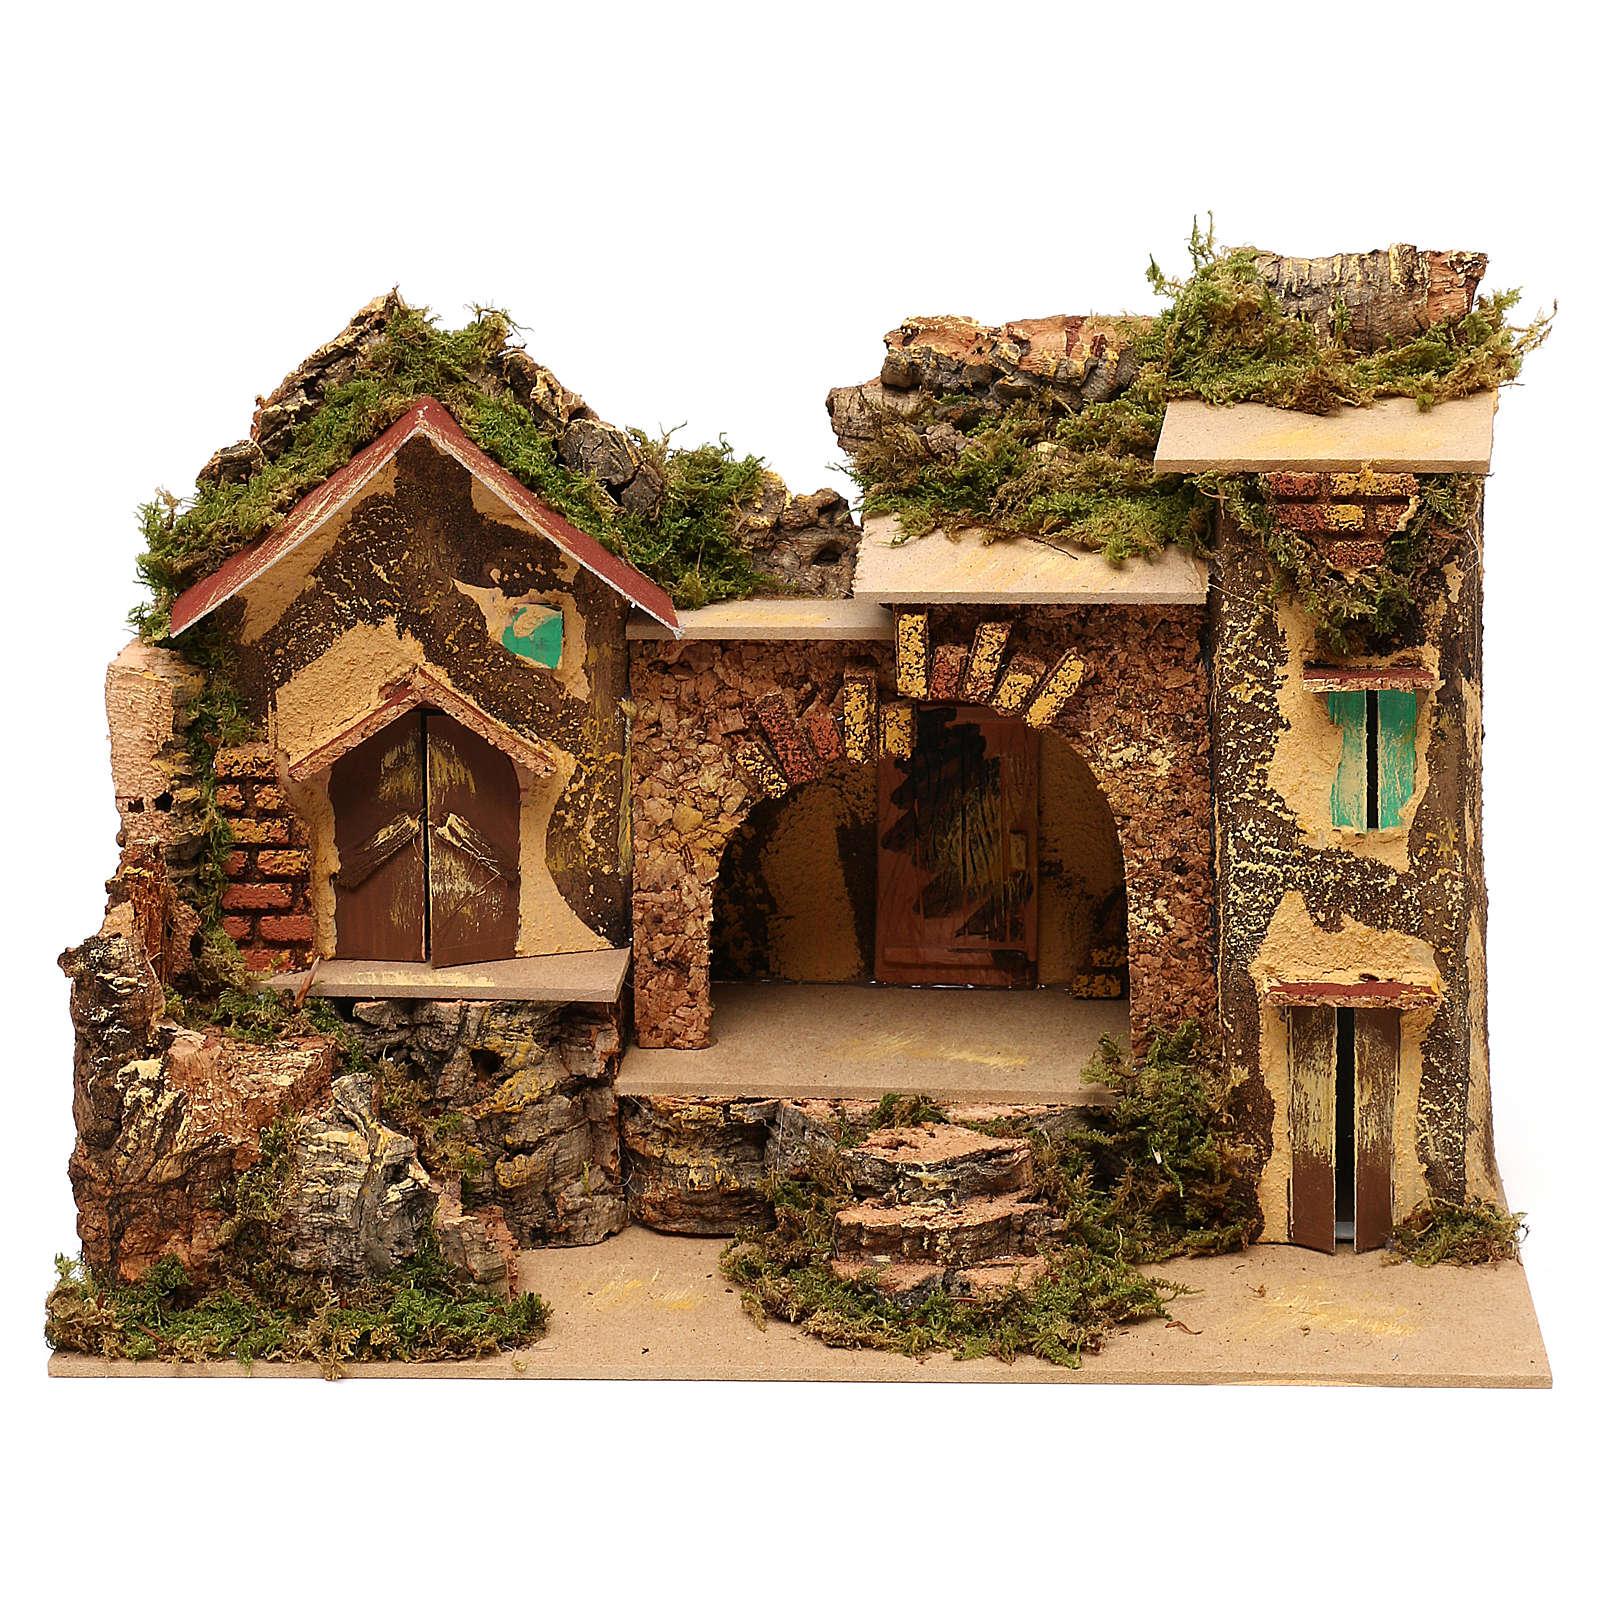 Borgo con stalla centrale e case 25x30x20 cm per presepi di 6 cm  4